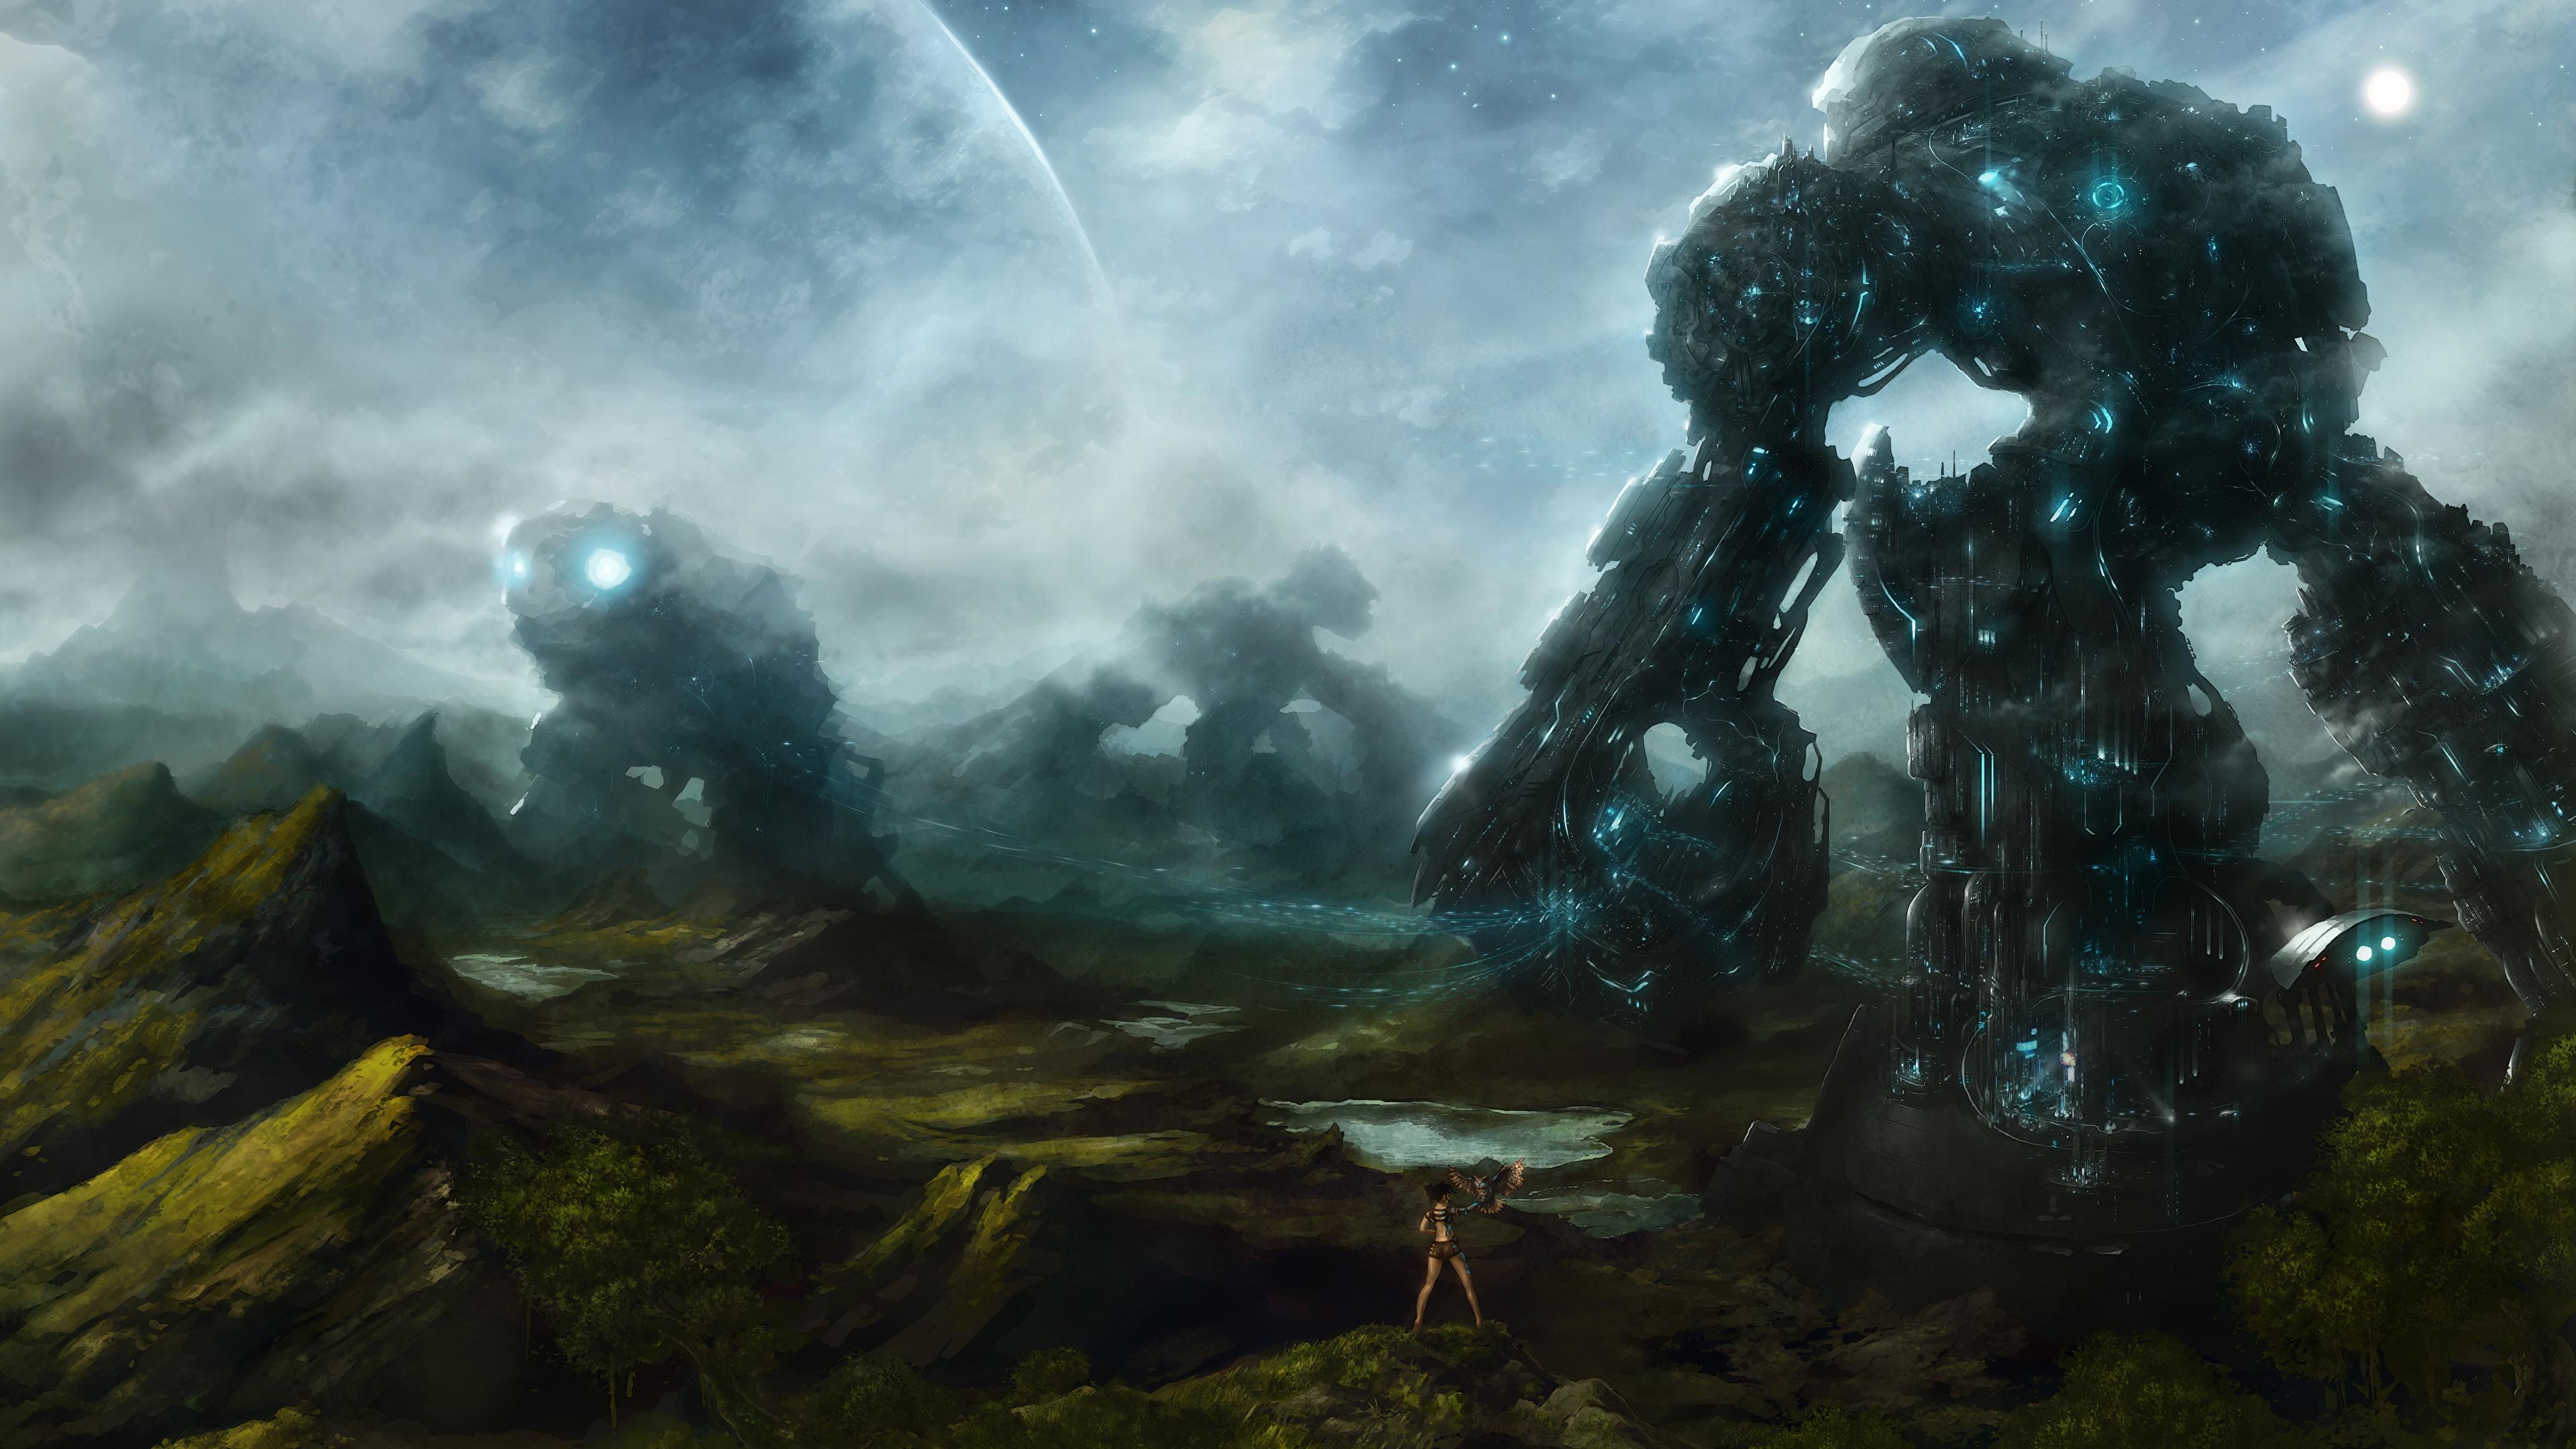 робот фантастика анонимно